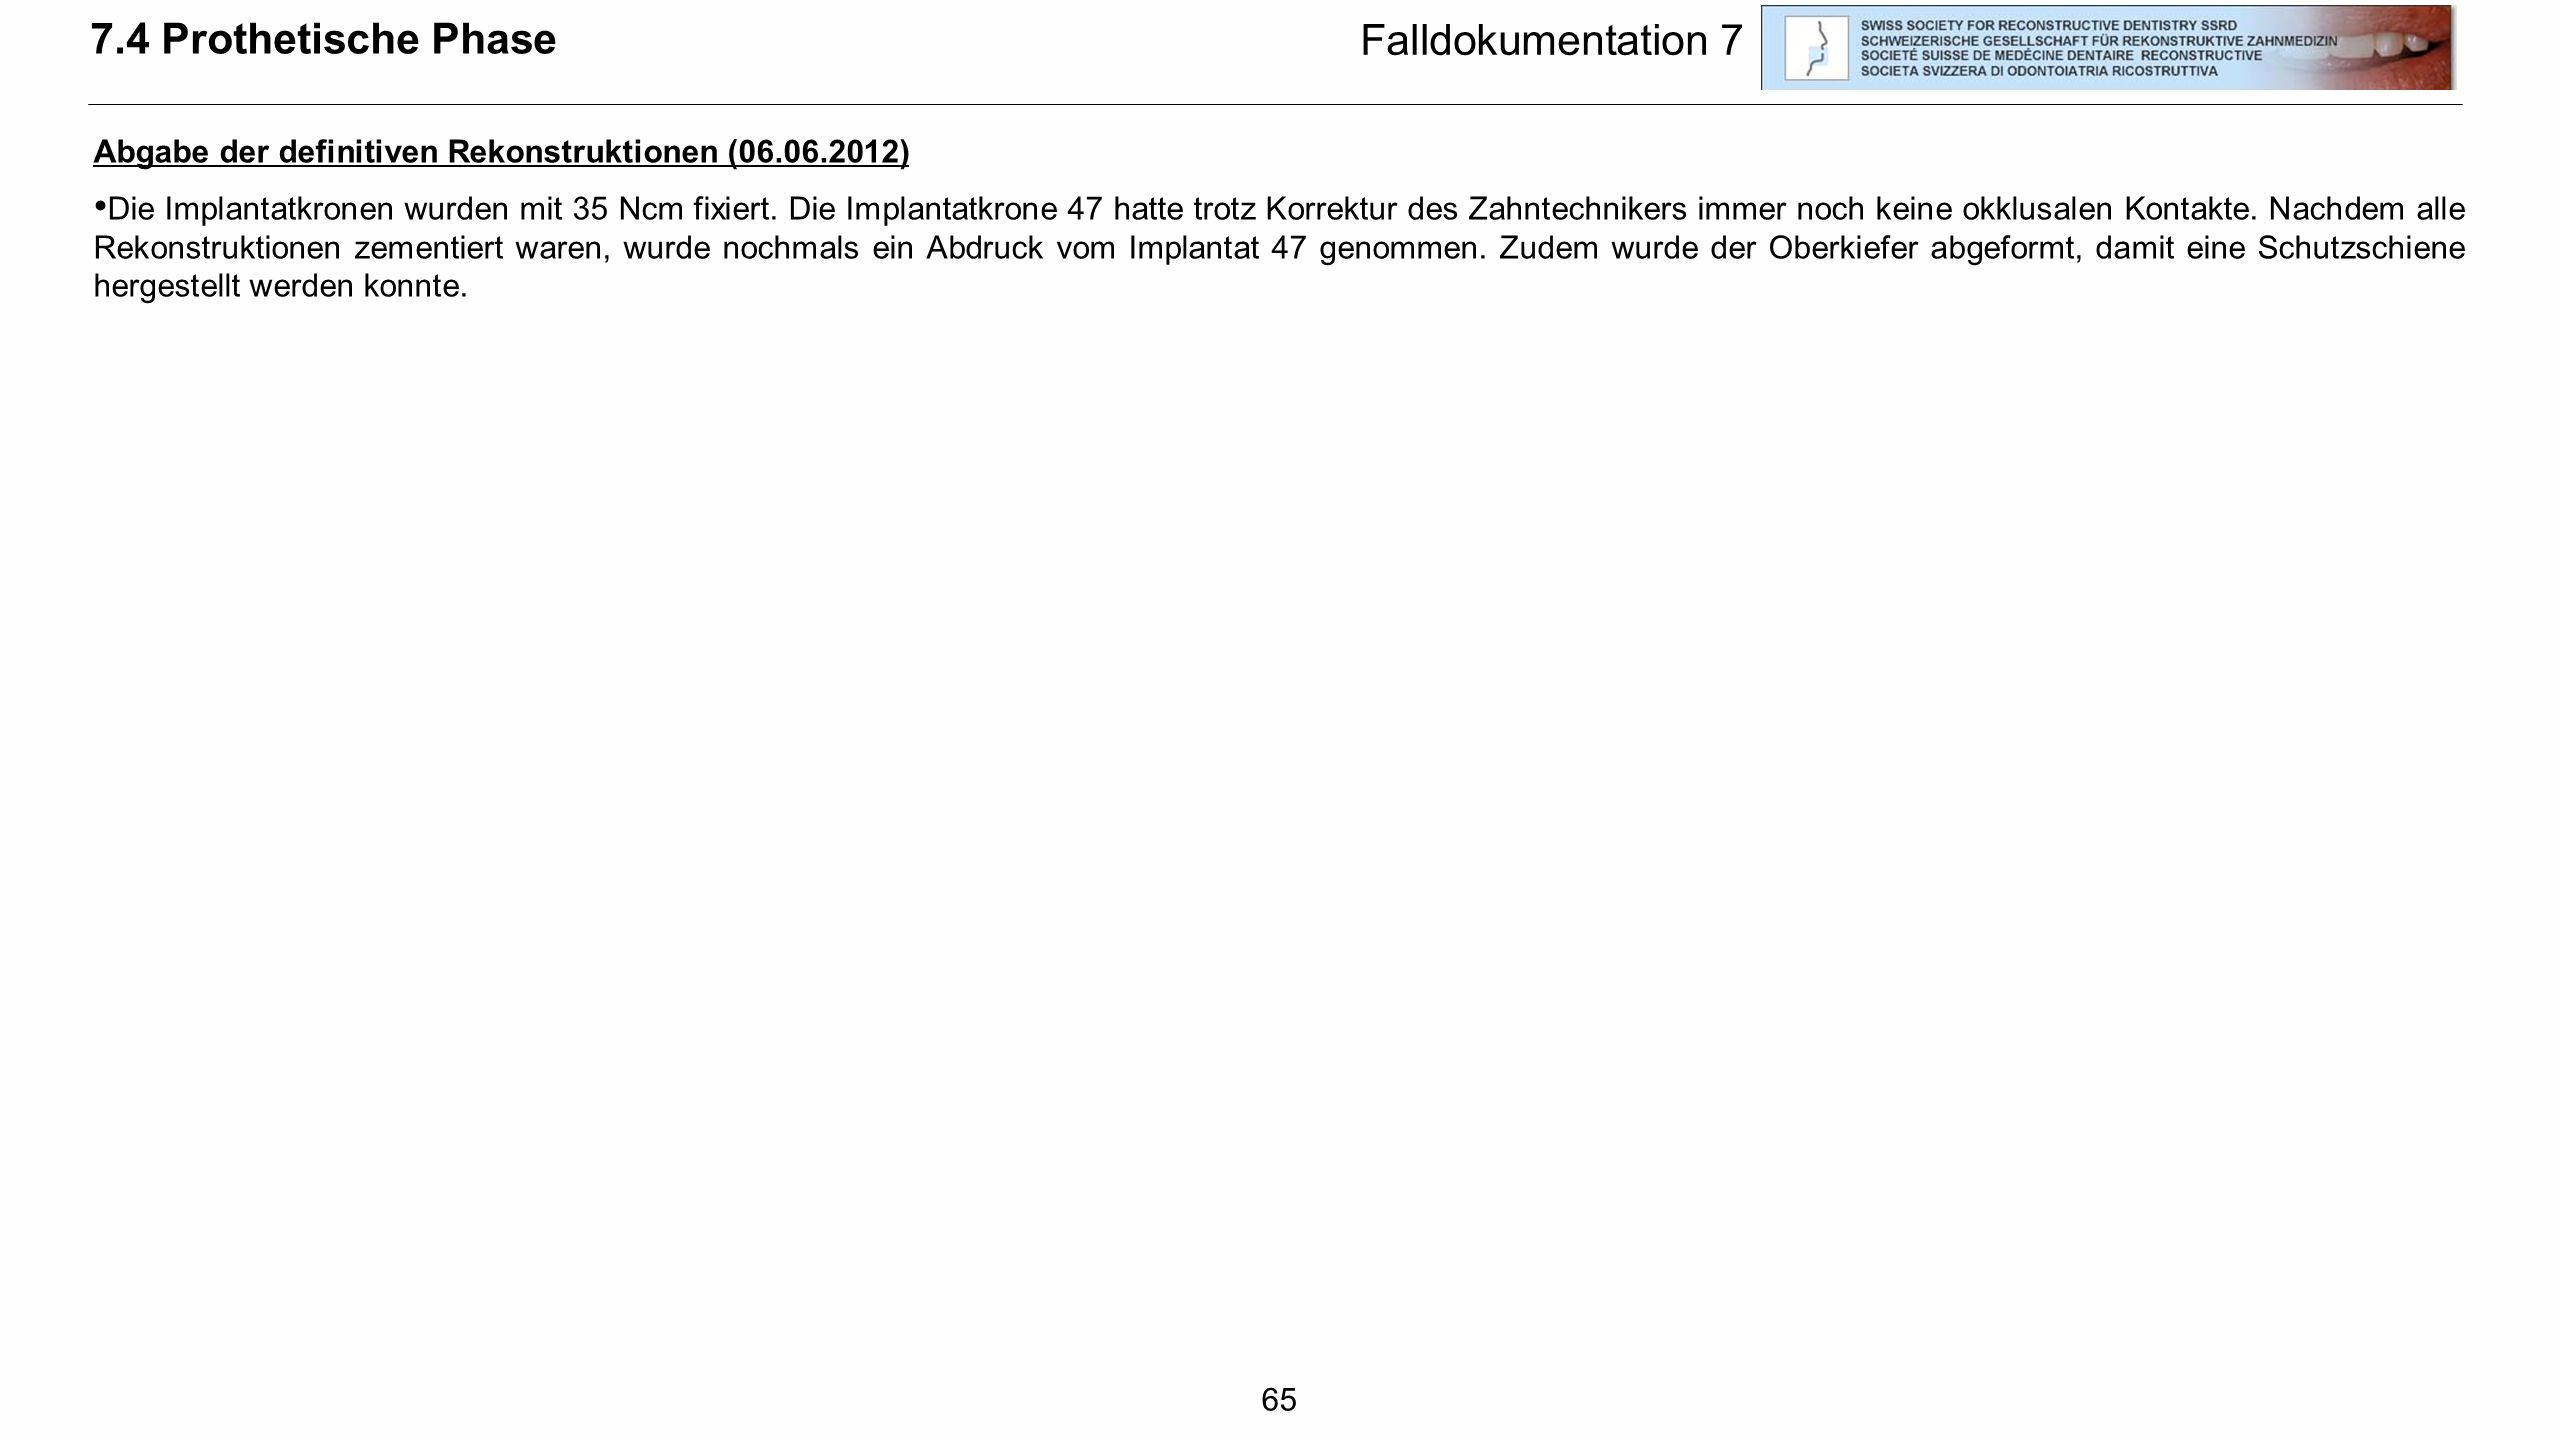 65 Falldokumentation 7 Abgabe der definitiven Rekonstruktionen (06.06.2012) Die Implantatkronen wurden mit 35 Ncm fixiert. Die Implantatkrone 47 hatte